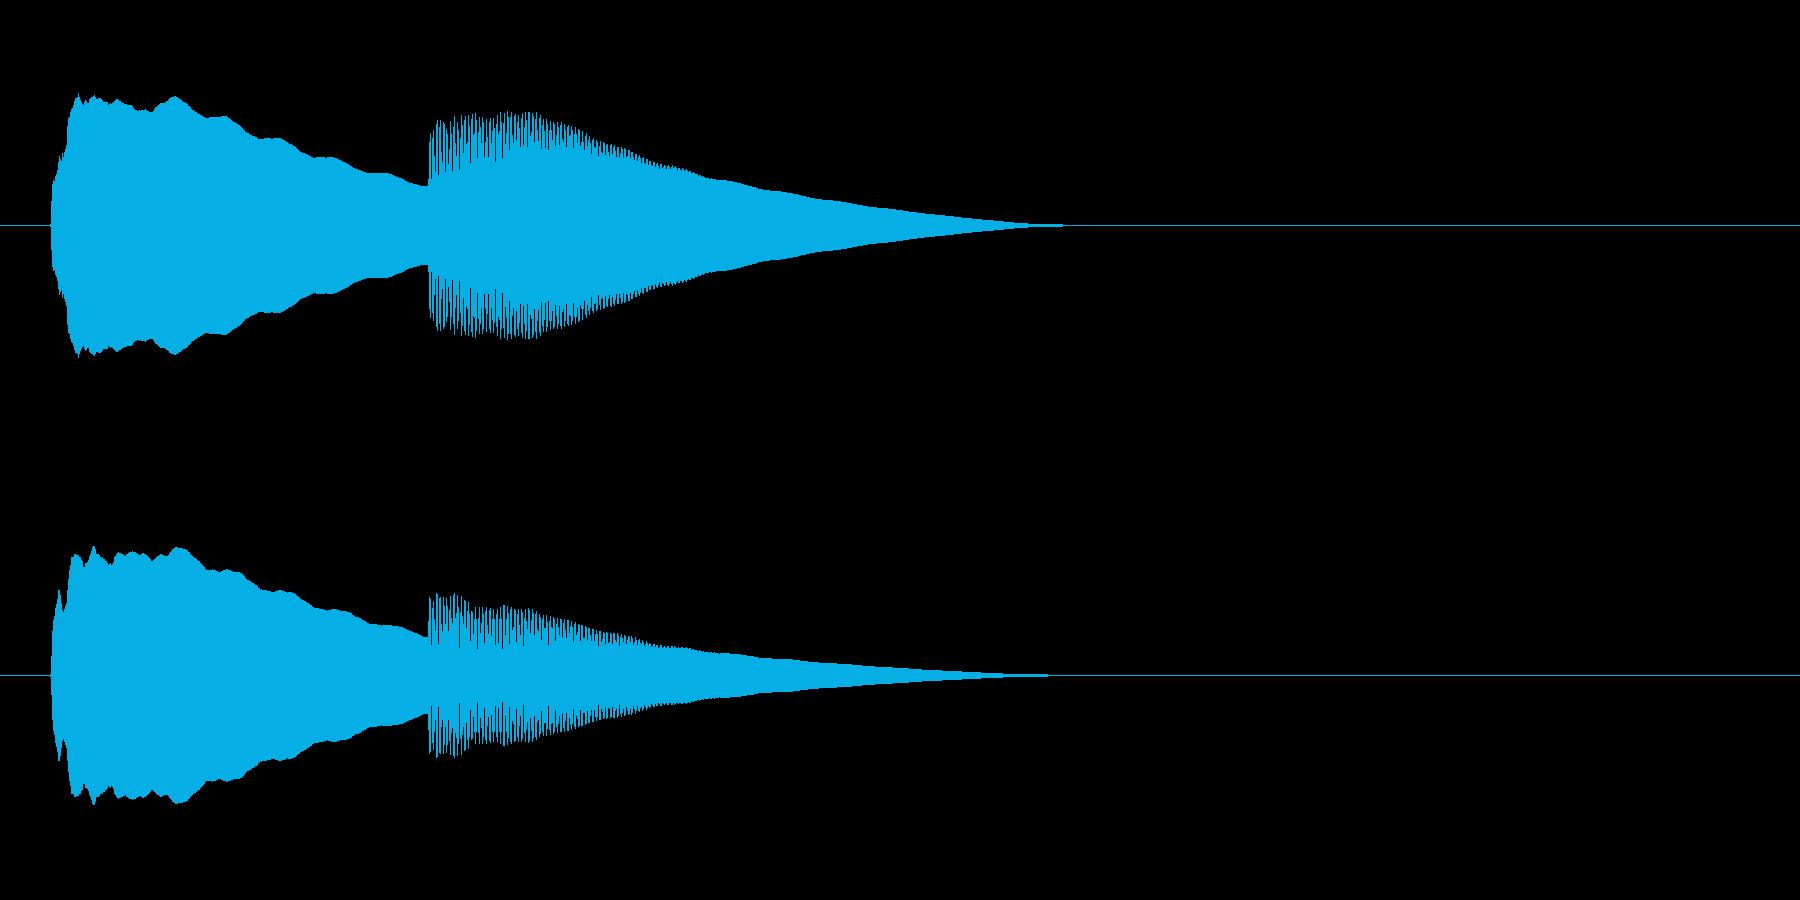 【ドアベル ピンポン01-2】の再生済みの波形